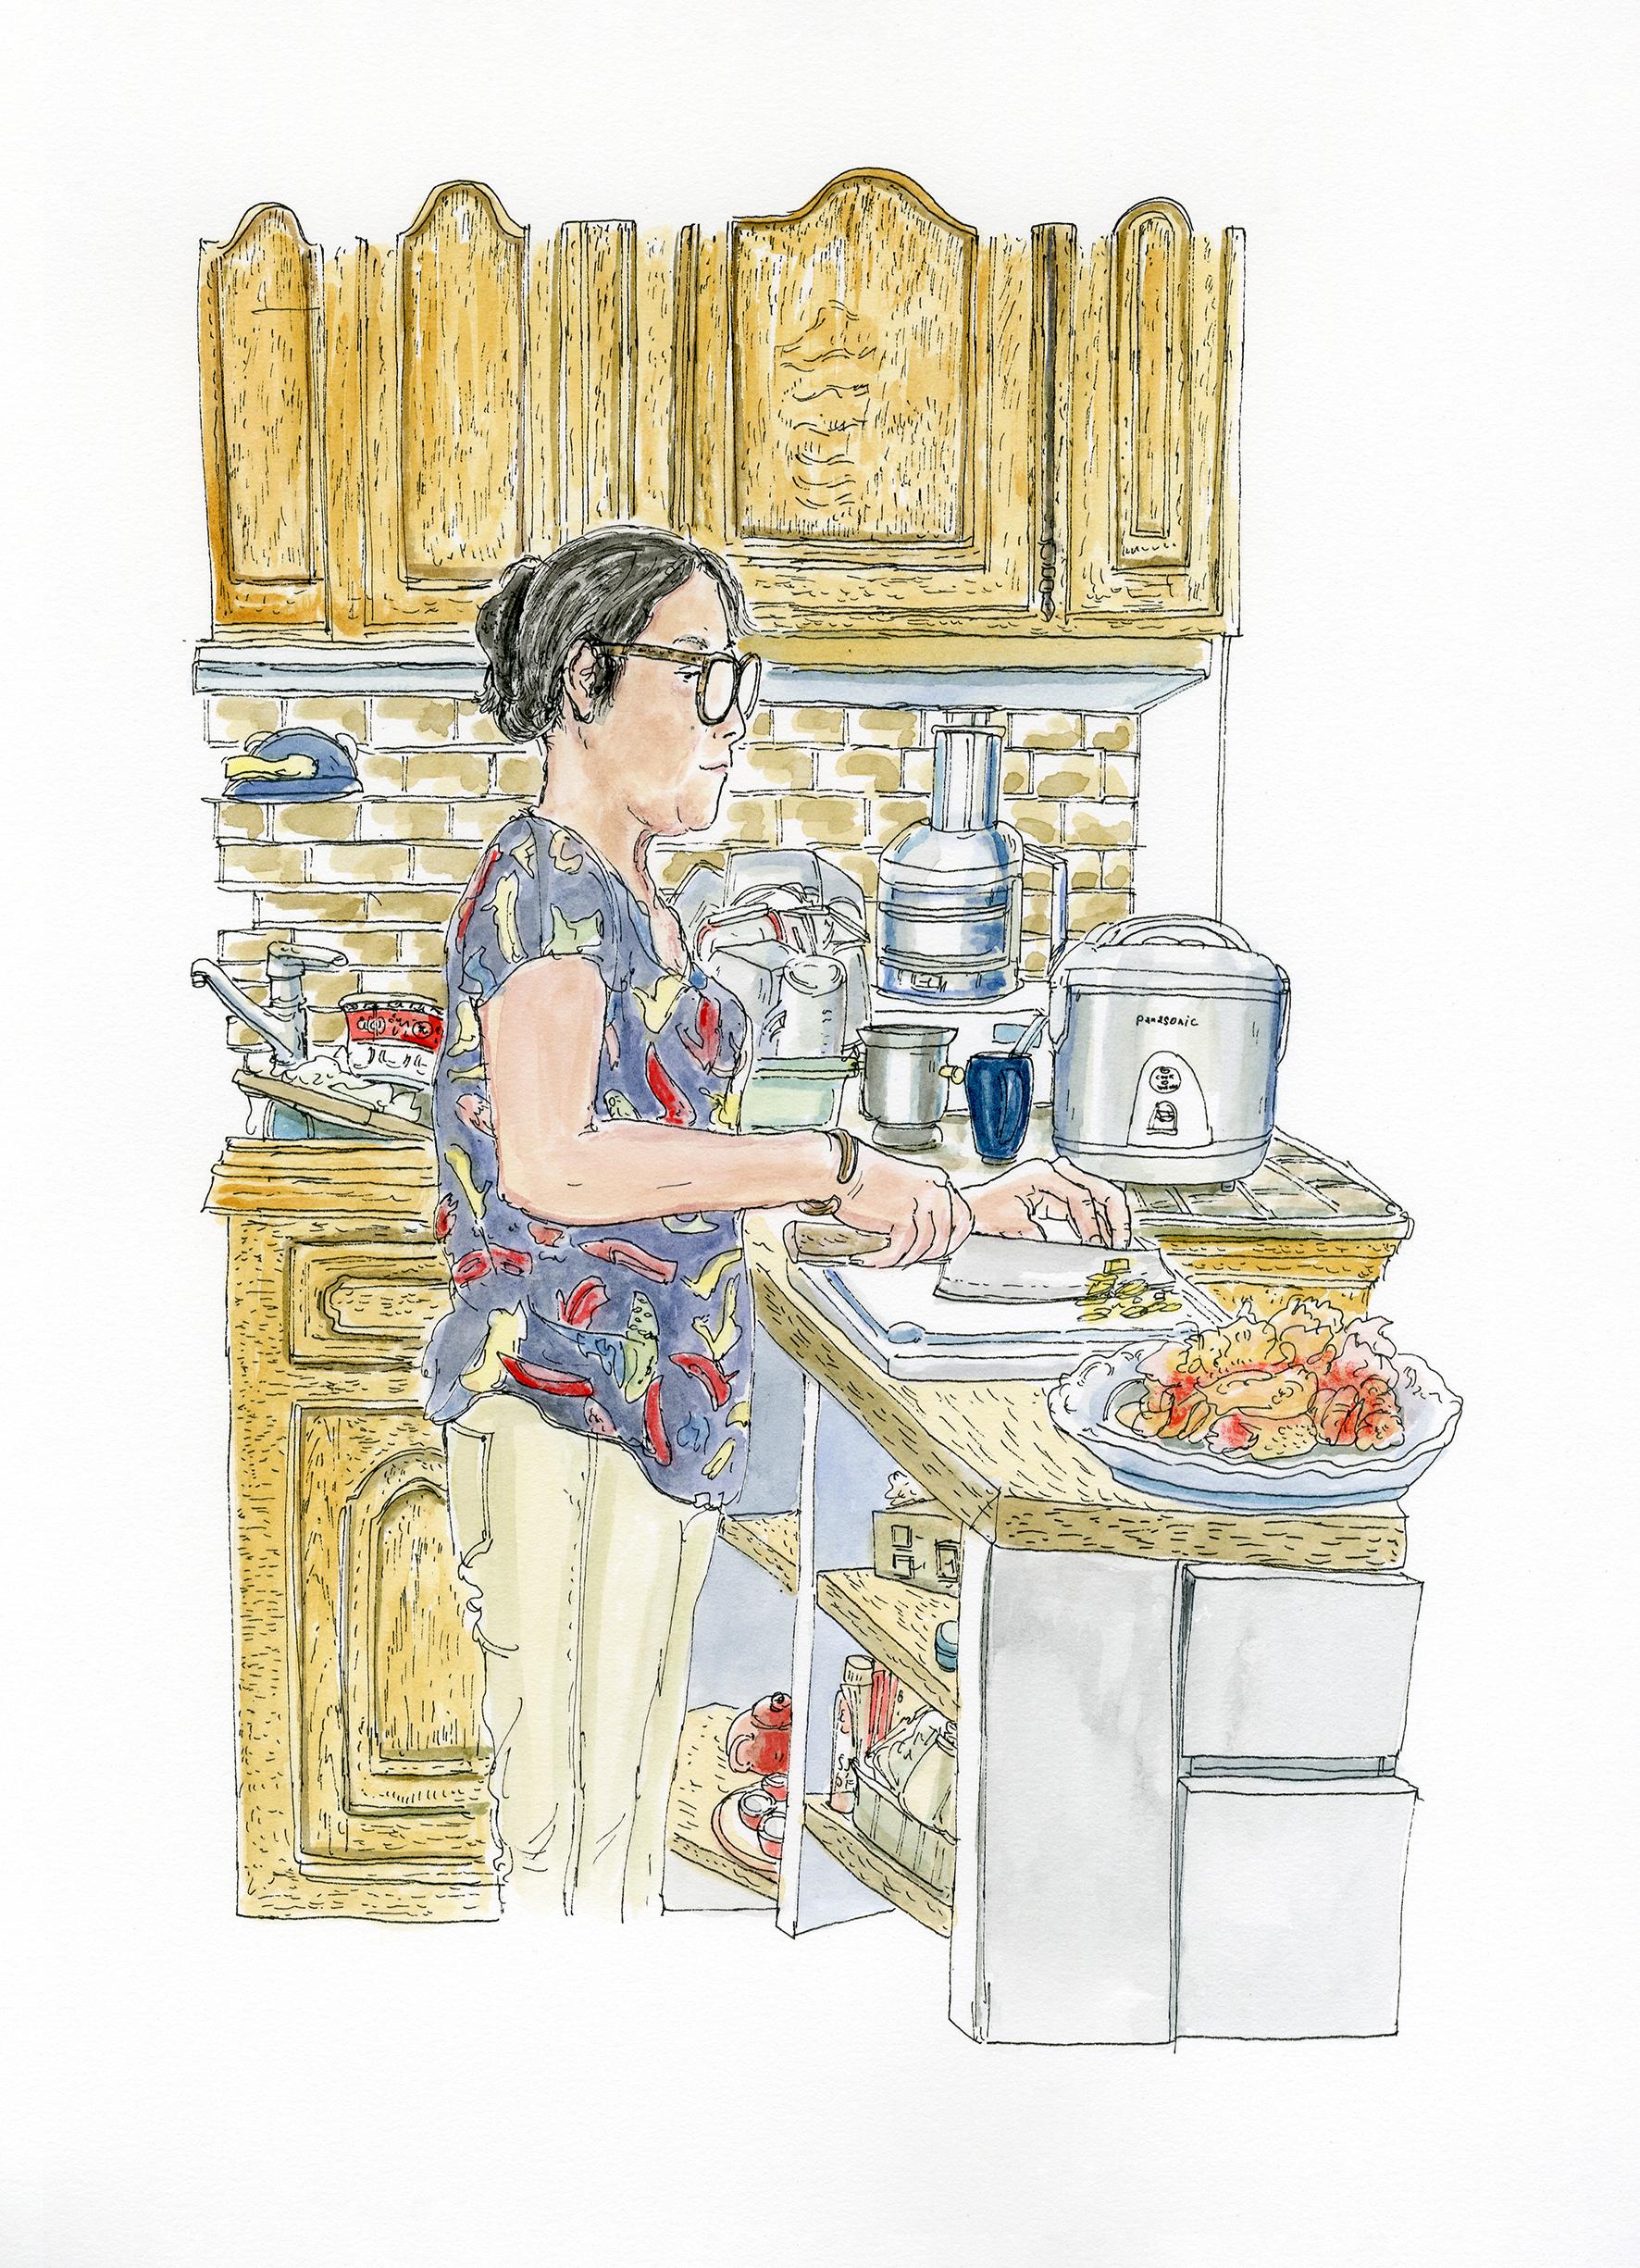 Maman qui coupe le gingembre dans la cuisine, 25.VII.2020. Encre de Chine et aquarelle sur papier, 36 x 26 cm.